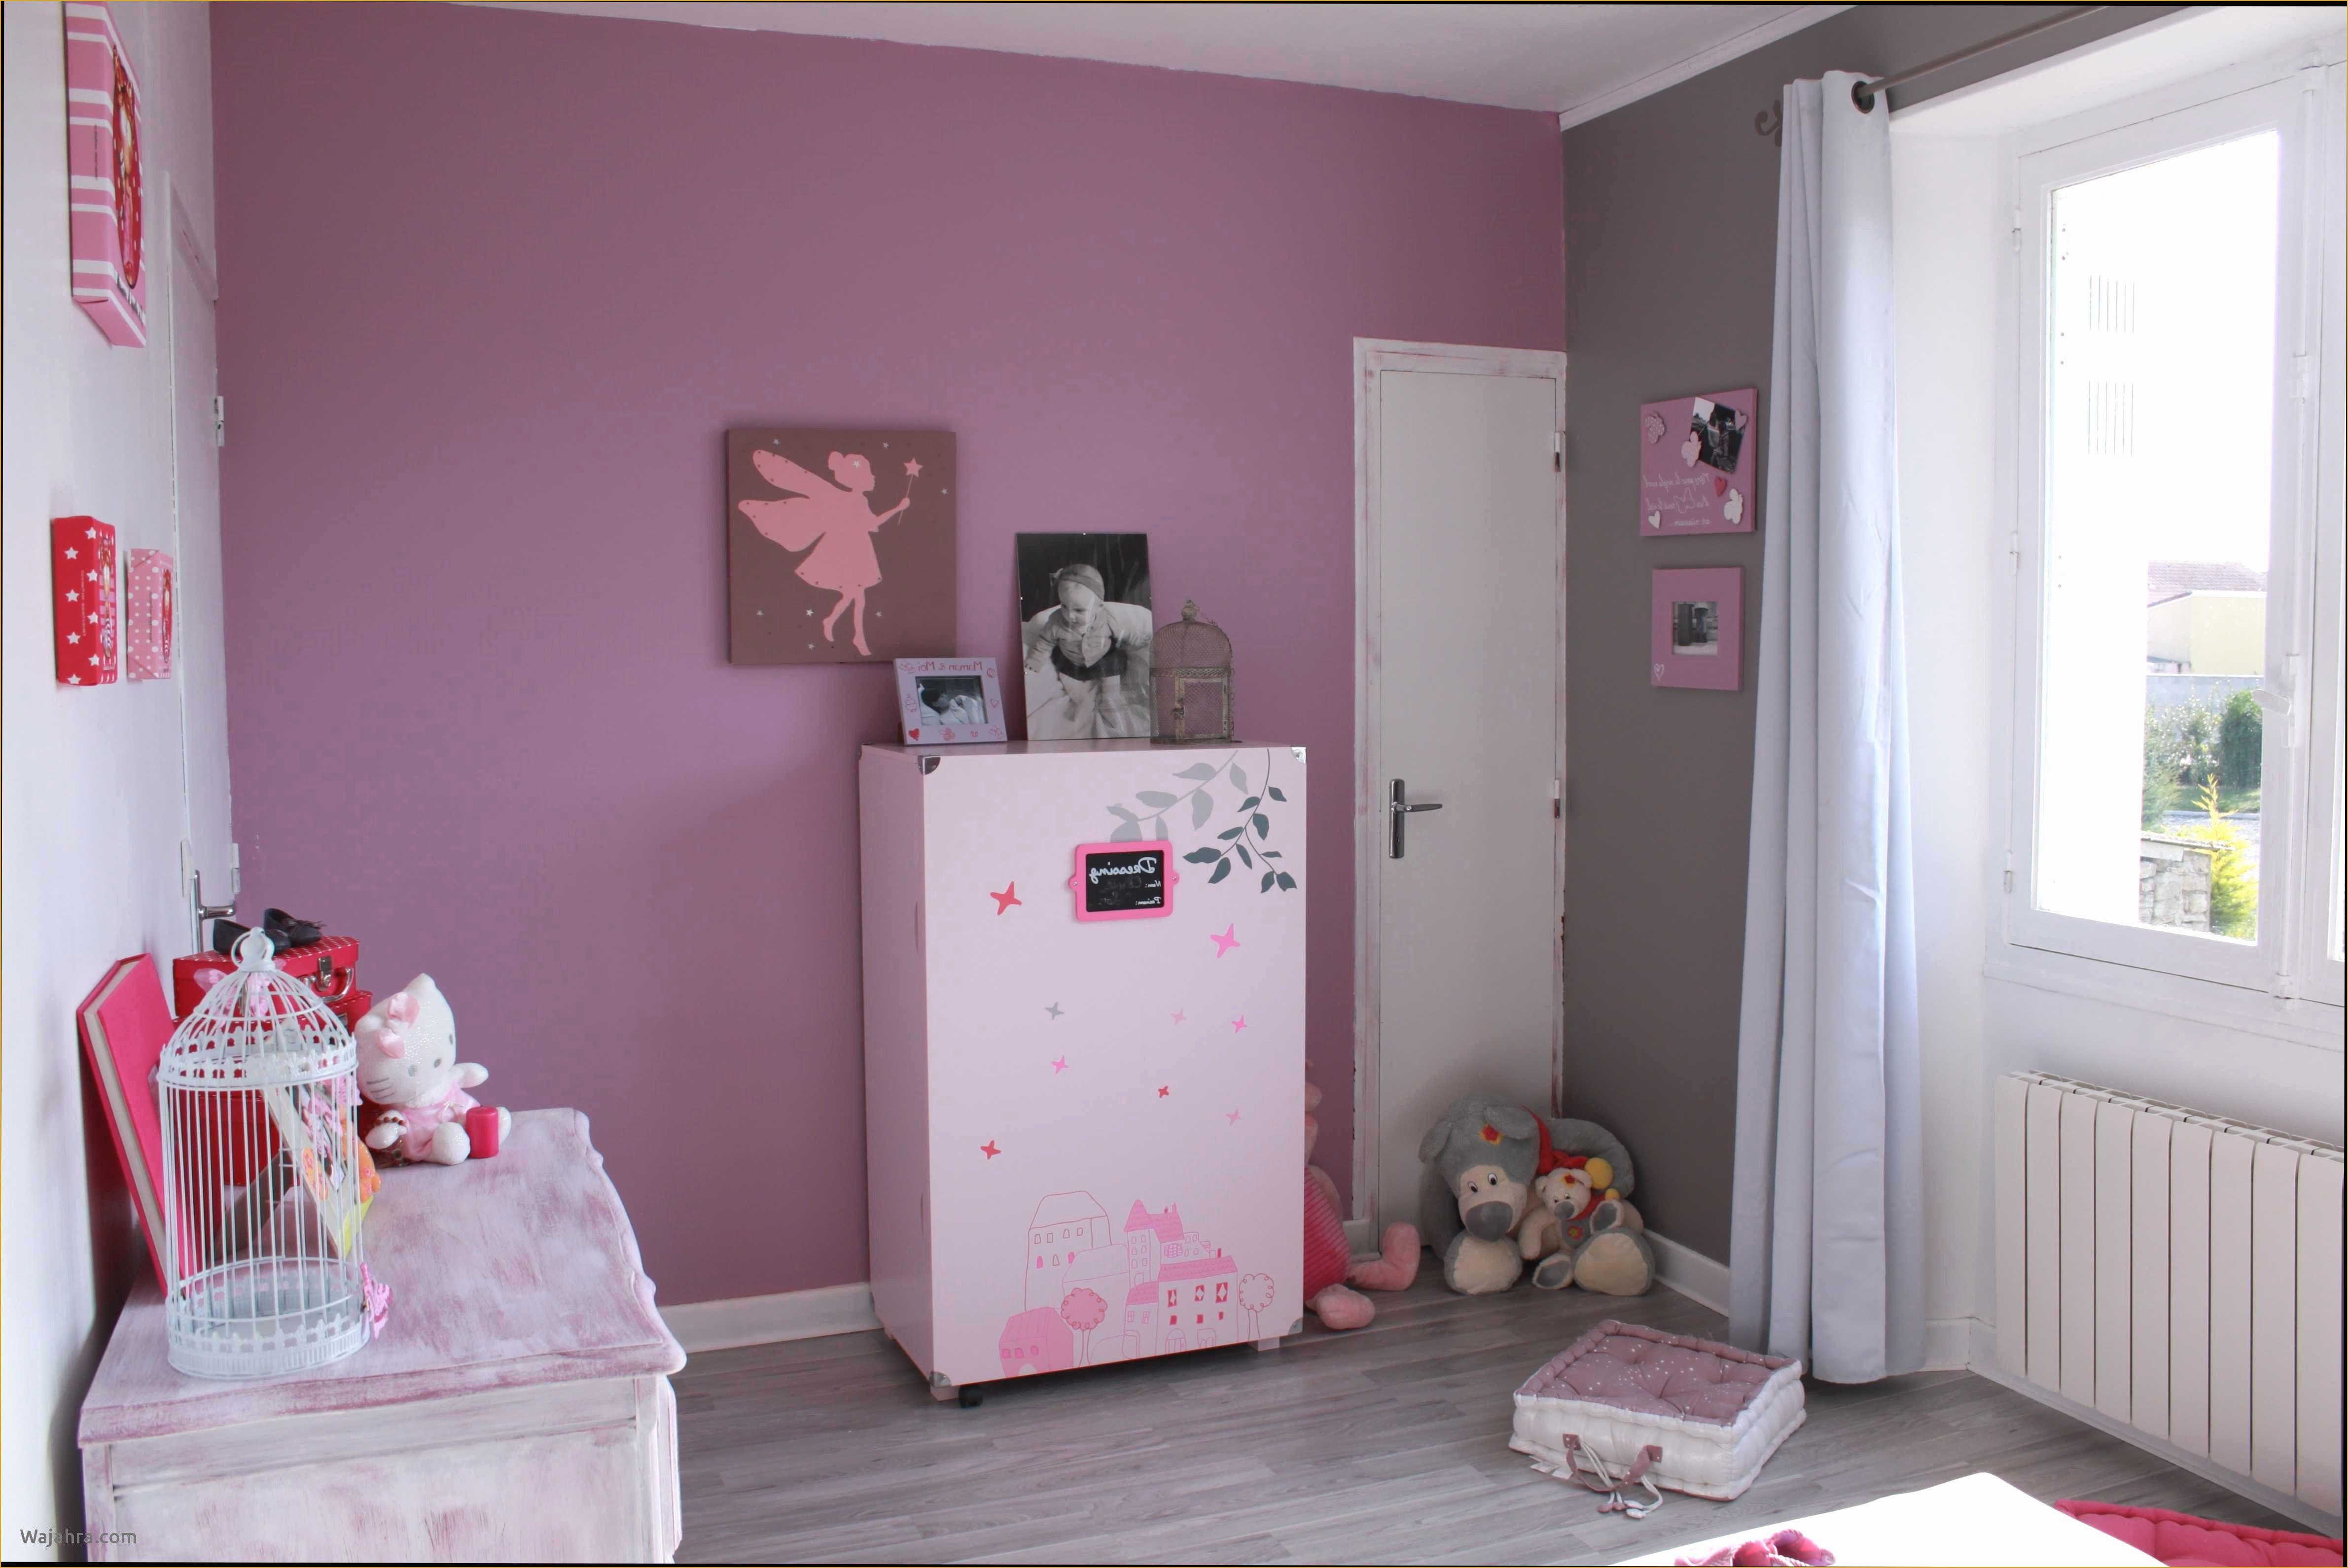 Lit Bébé Quax De Luxe Dessin Bébé Qui Dort Imprimer Aisé Lit Bébé Quax Frais Chambre Bébé